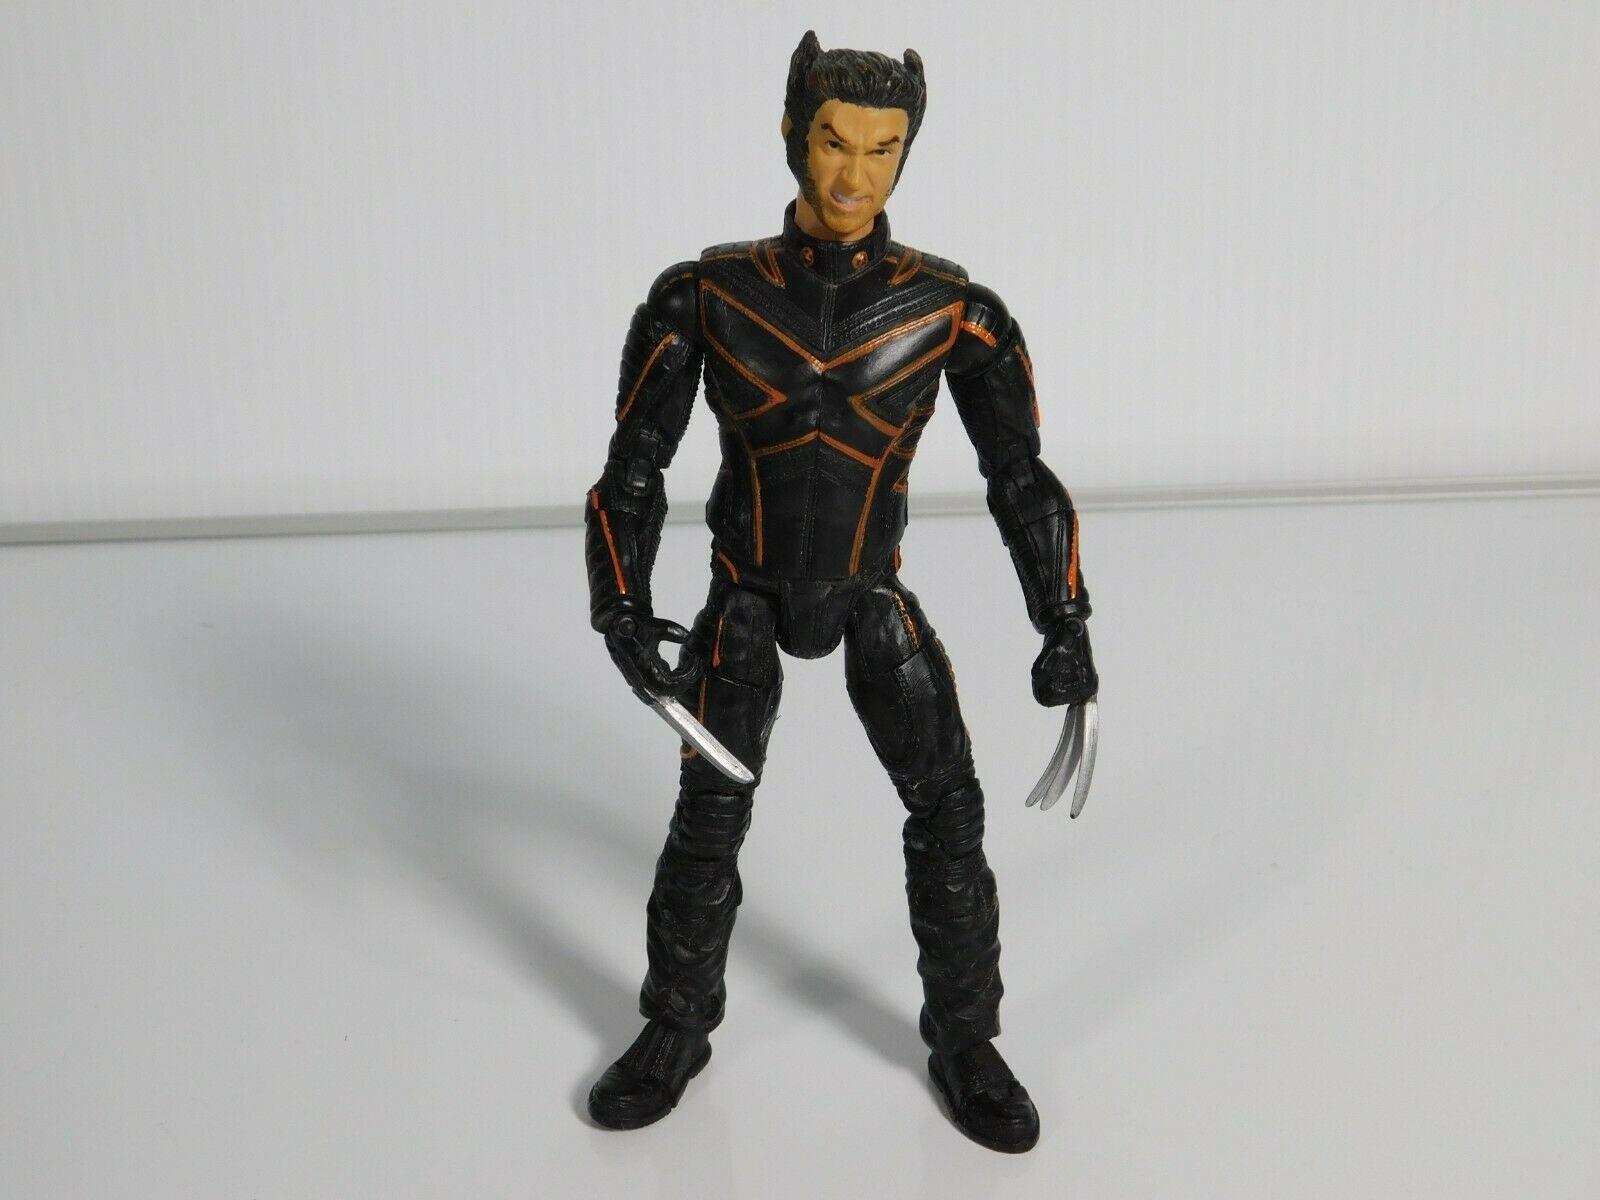 """X-MEN - Wolverine Logan Hugh Jackman 6"""" Action Figure Marvel Toy Biz 2003 Toy"""